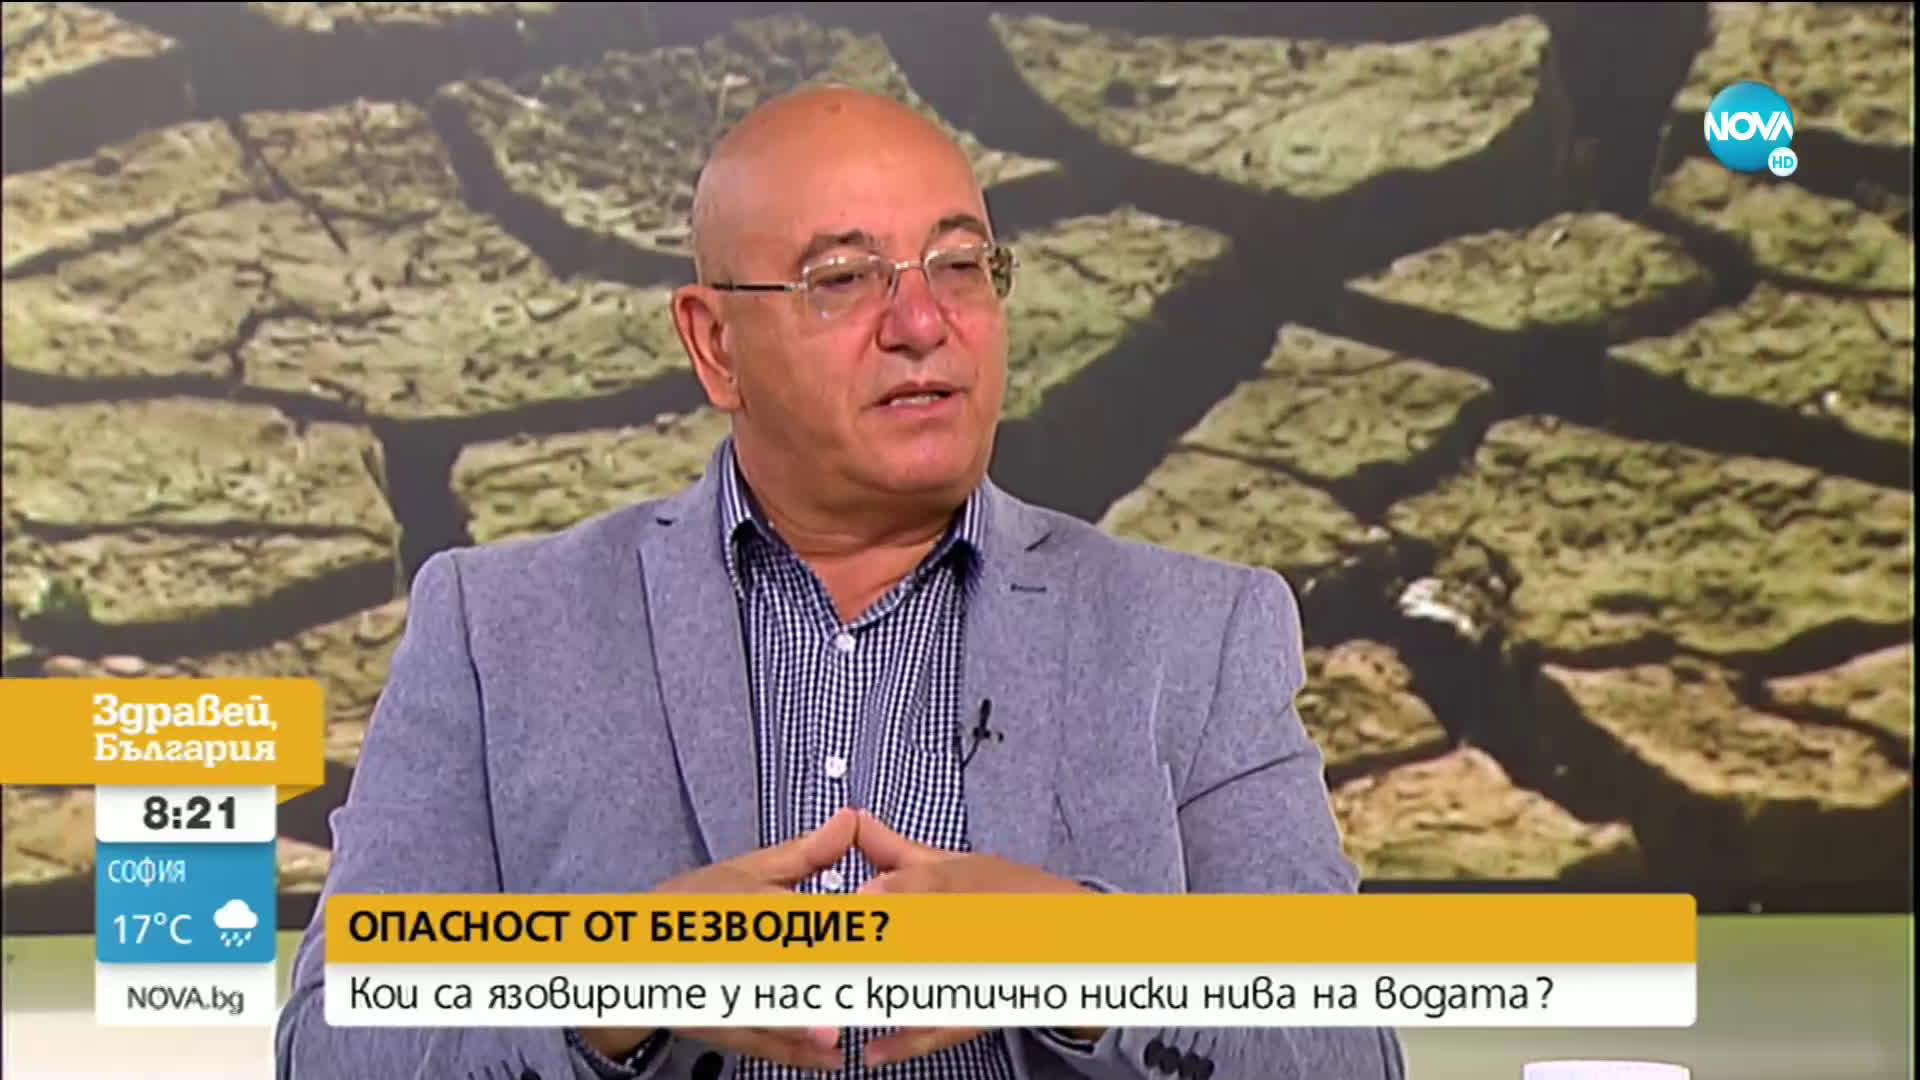 Емил Димитров: Премиерът отговори на очакванията на хората